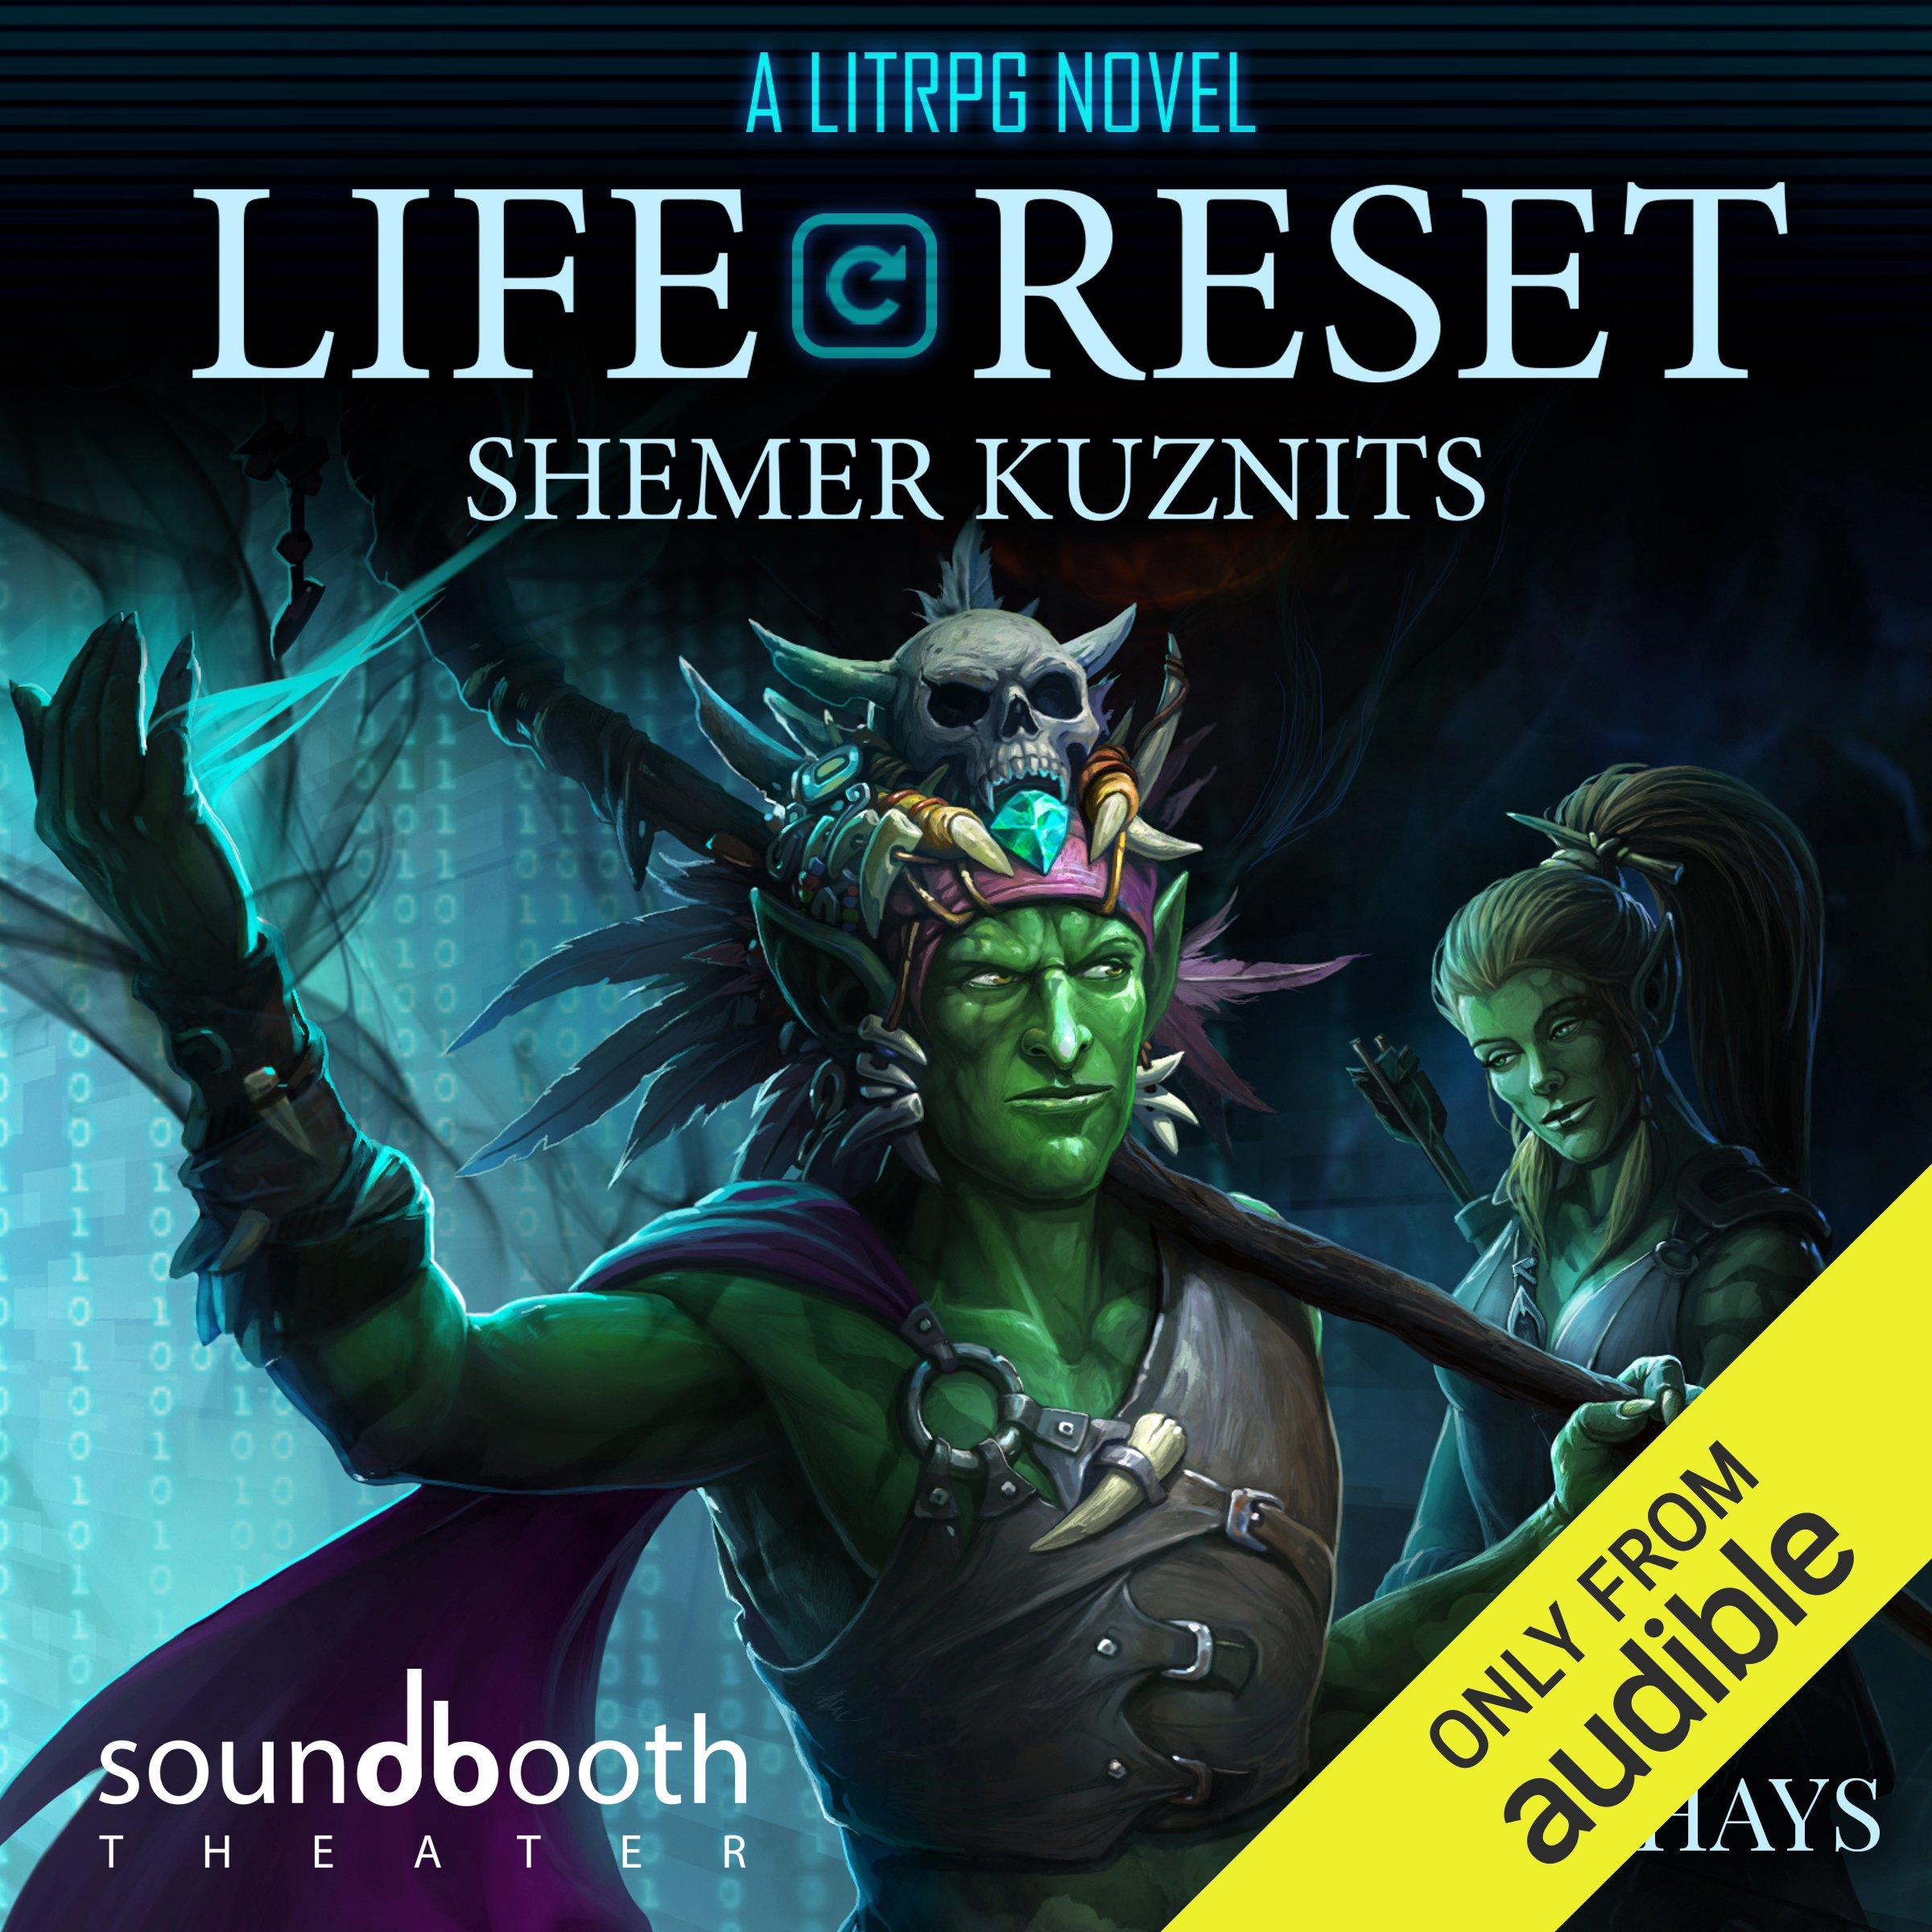 Life Reset: A LitRPG Novel: New Era Online, Book 1 by Spoken Realms